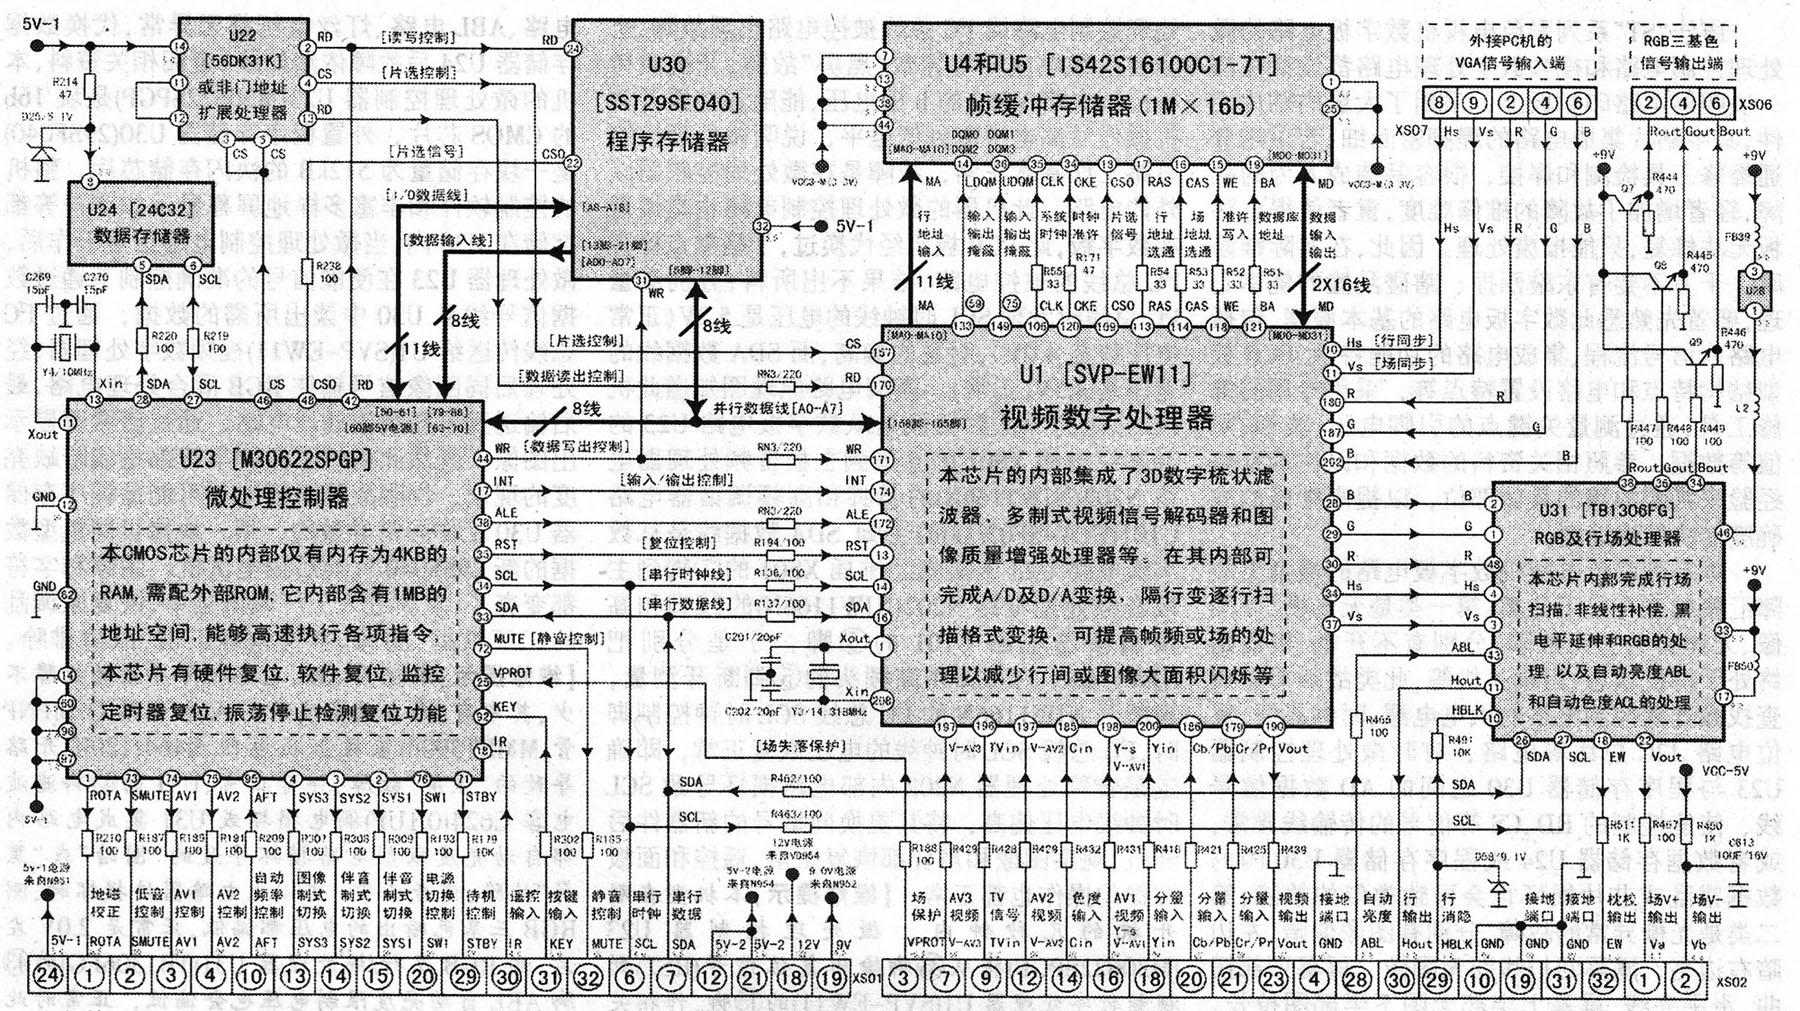 康佳高清数字crt彩电p29st386数字板图文说明